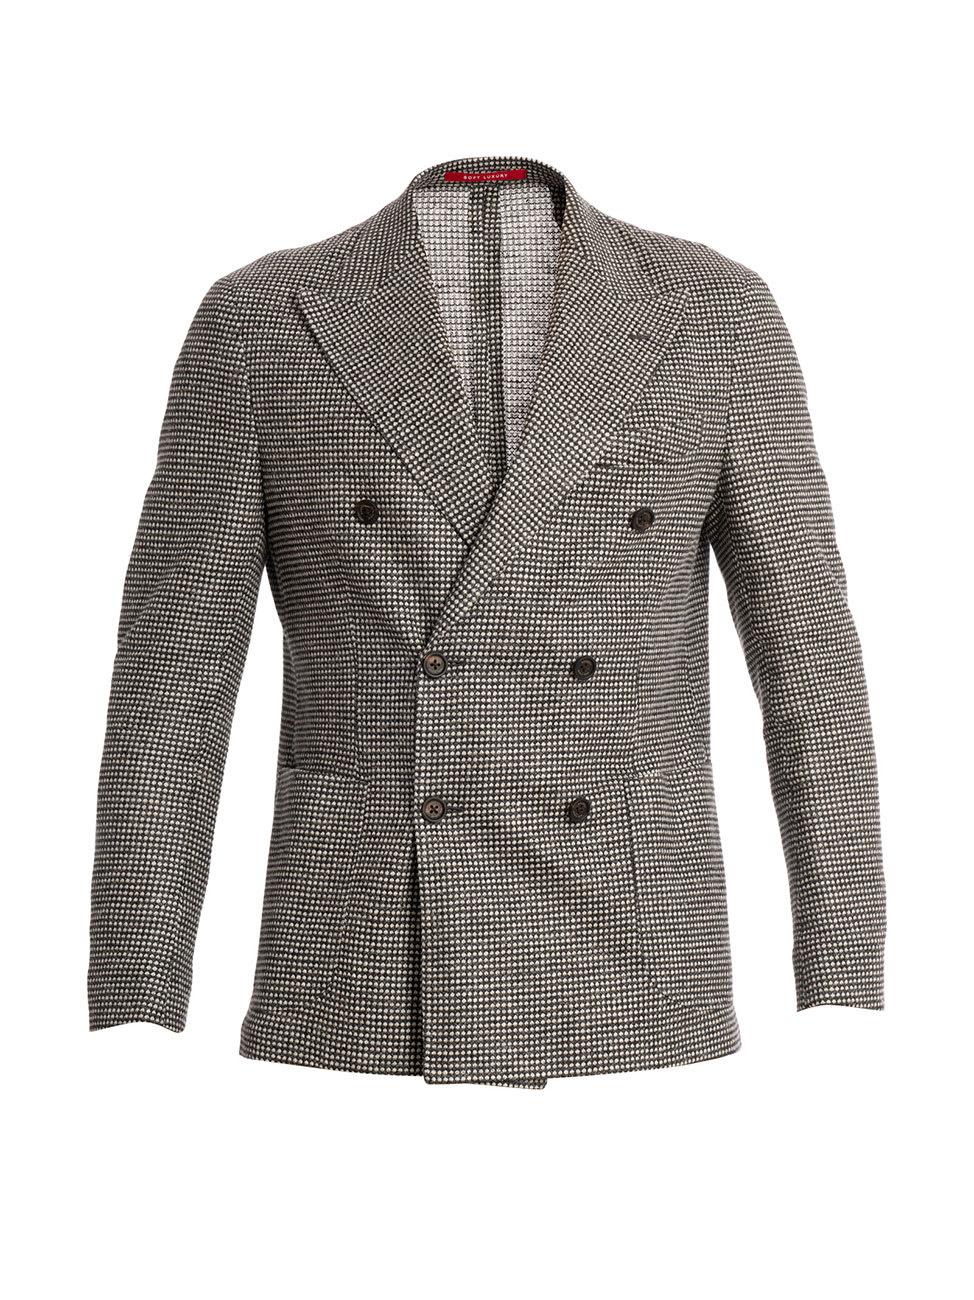 Budapest Jacket